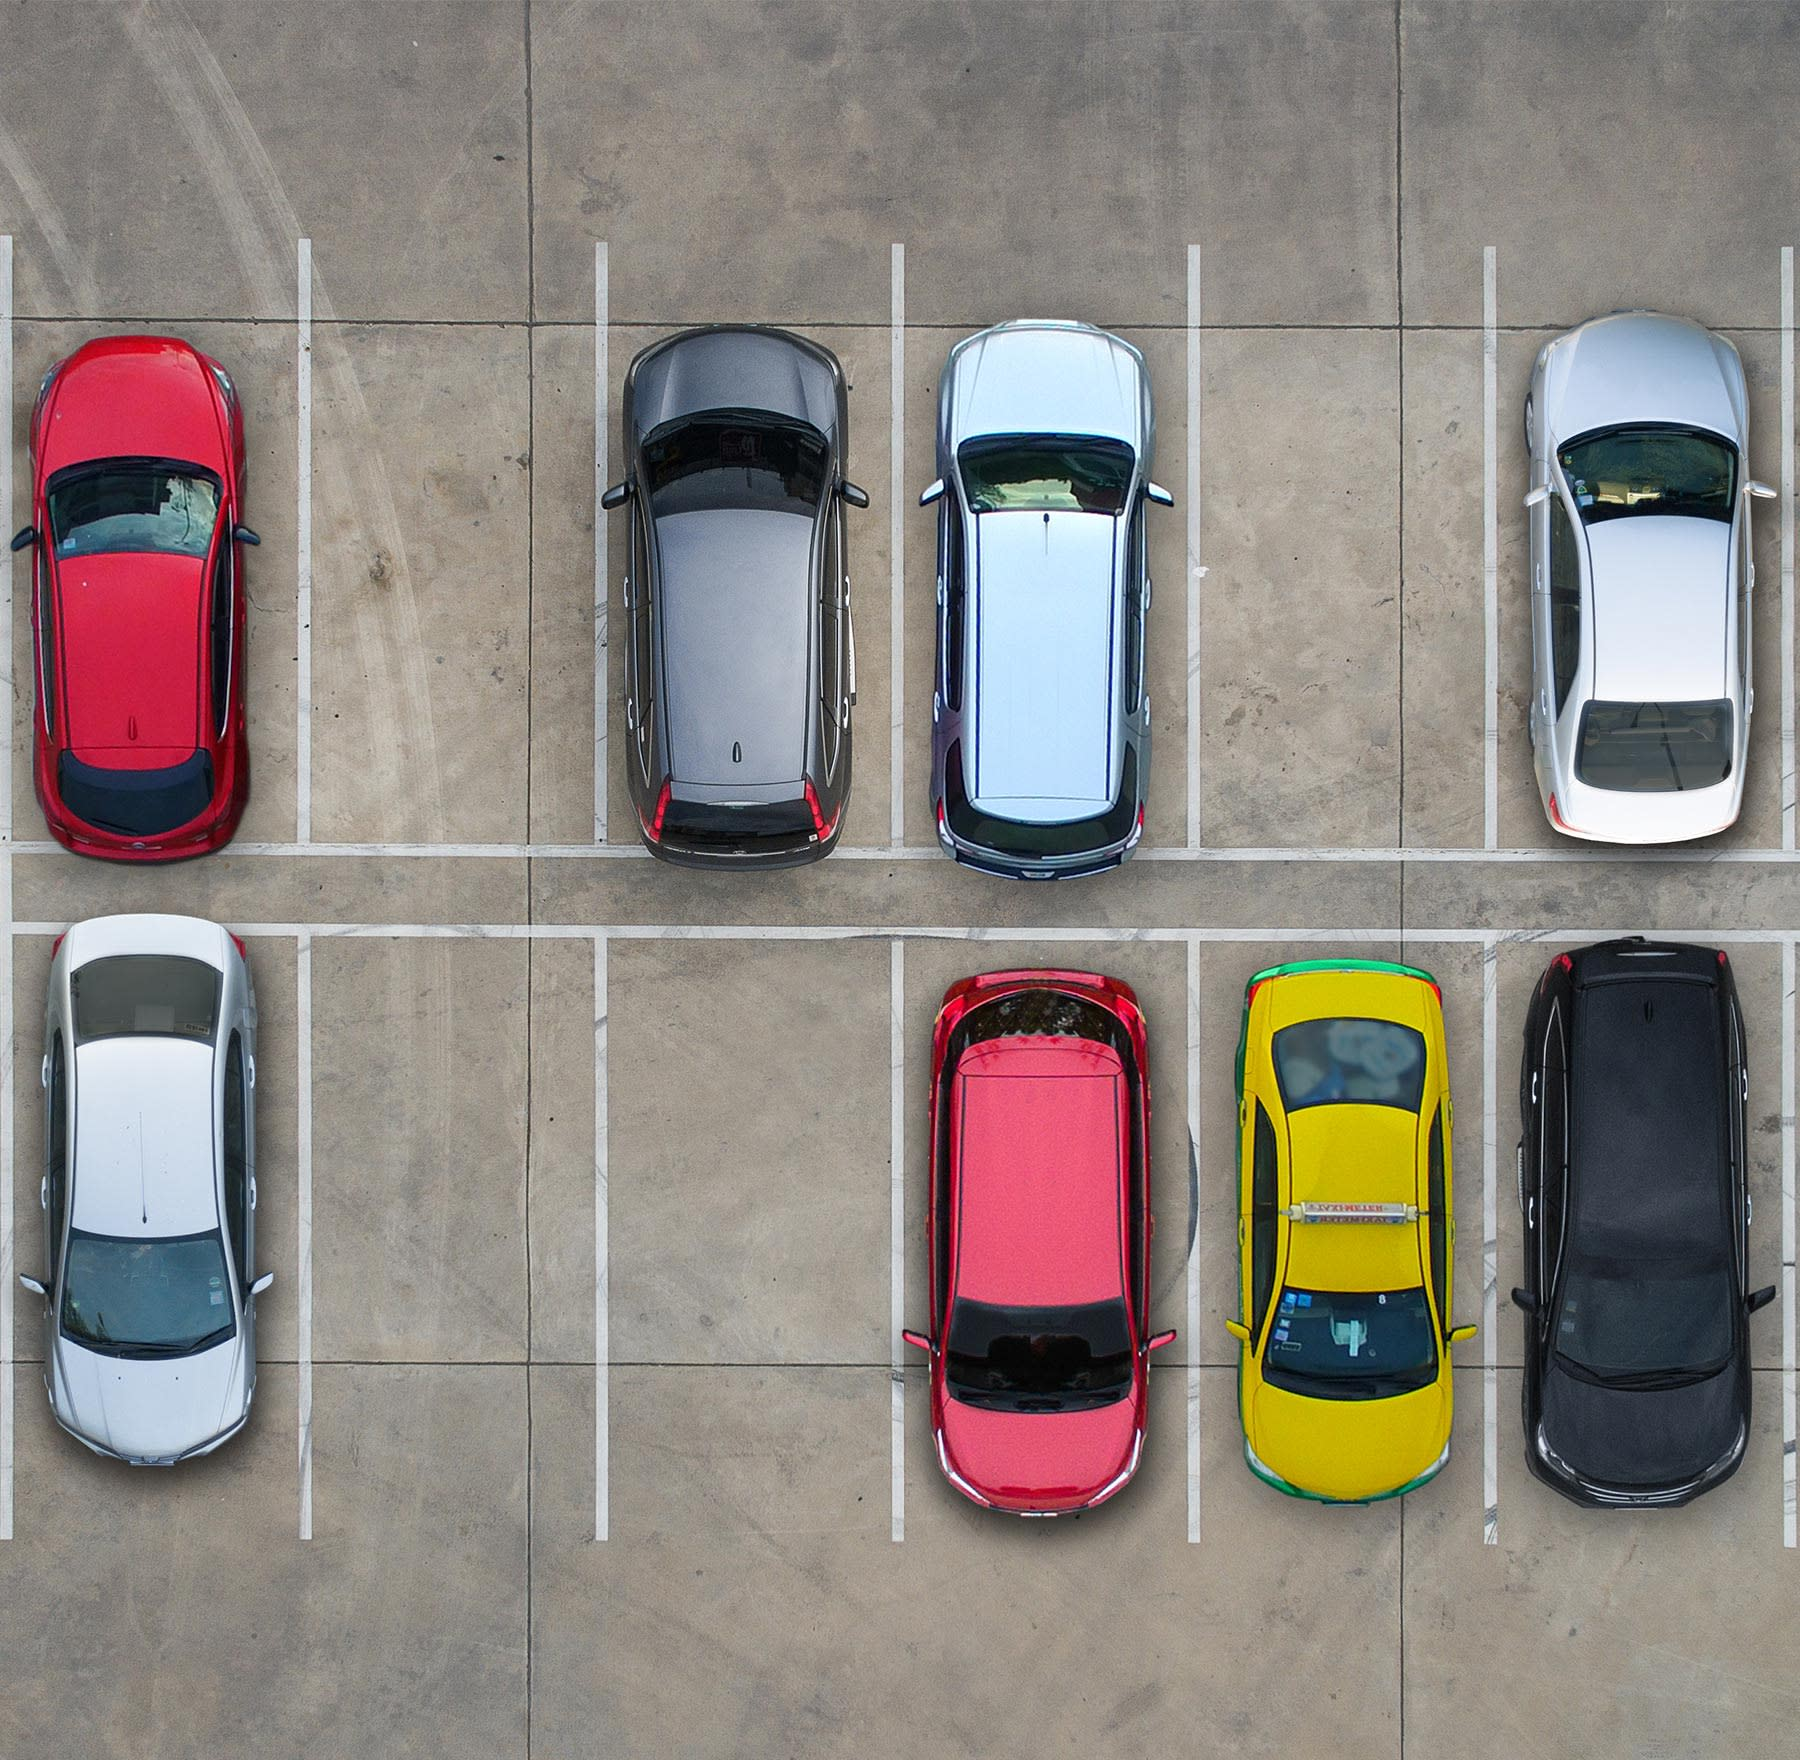 proper parking